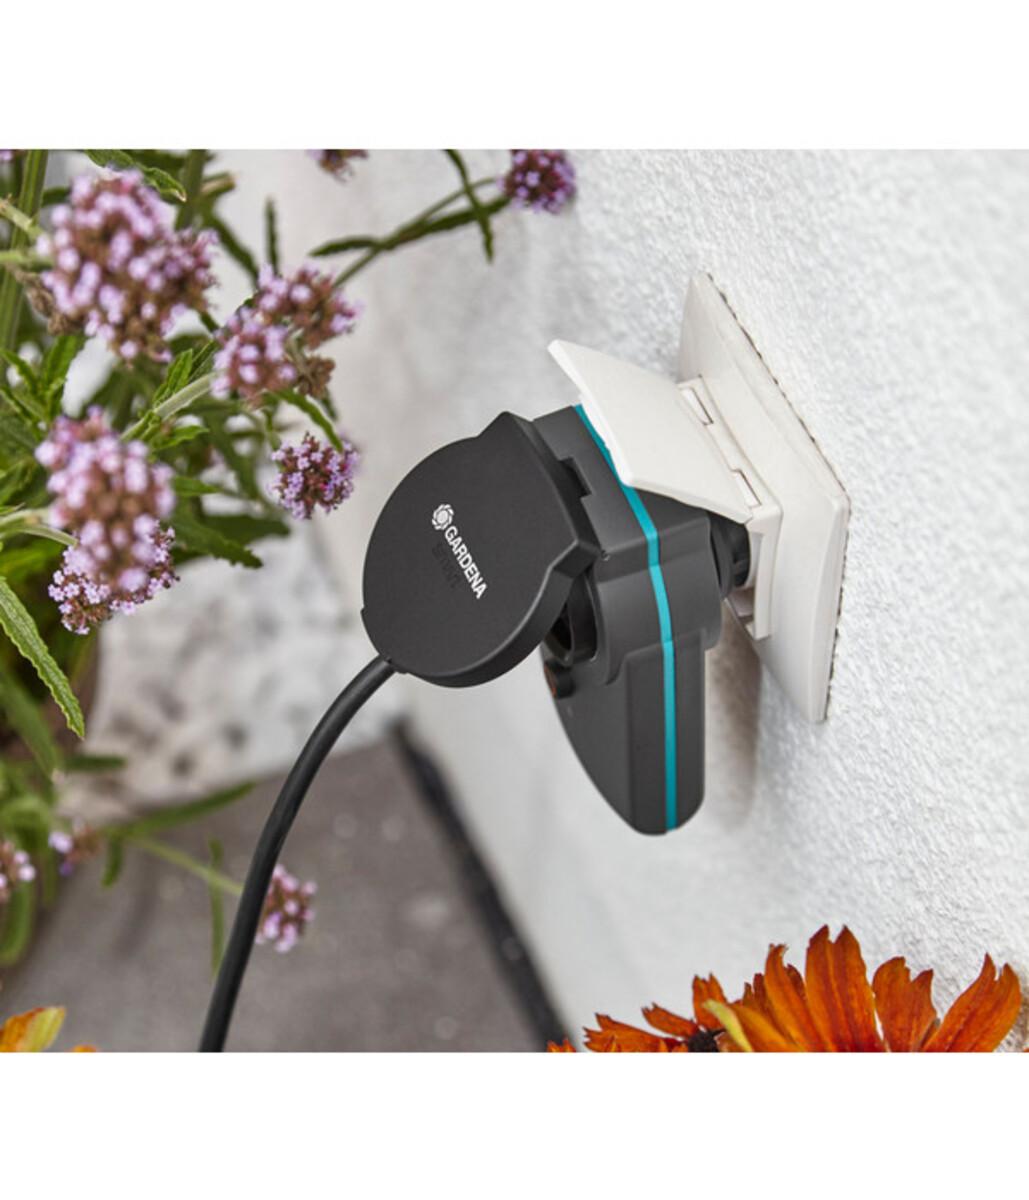 Bild 4 von GARDENA Smart Power Zwischenstecker, 3er Set